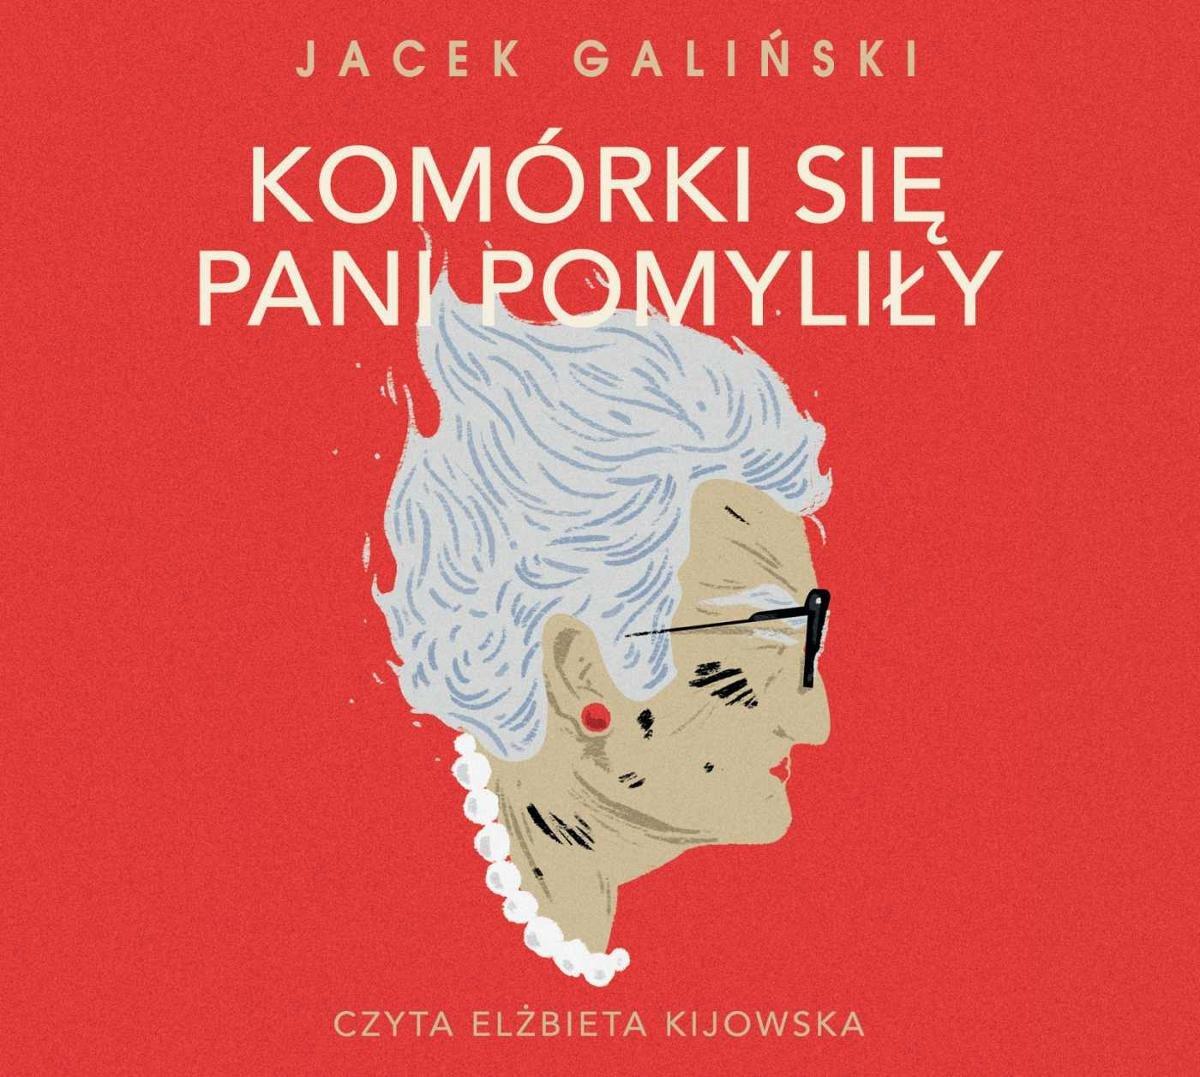 Jacek Galiński  – Komórki się pani pomyliły